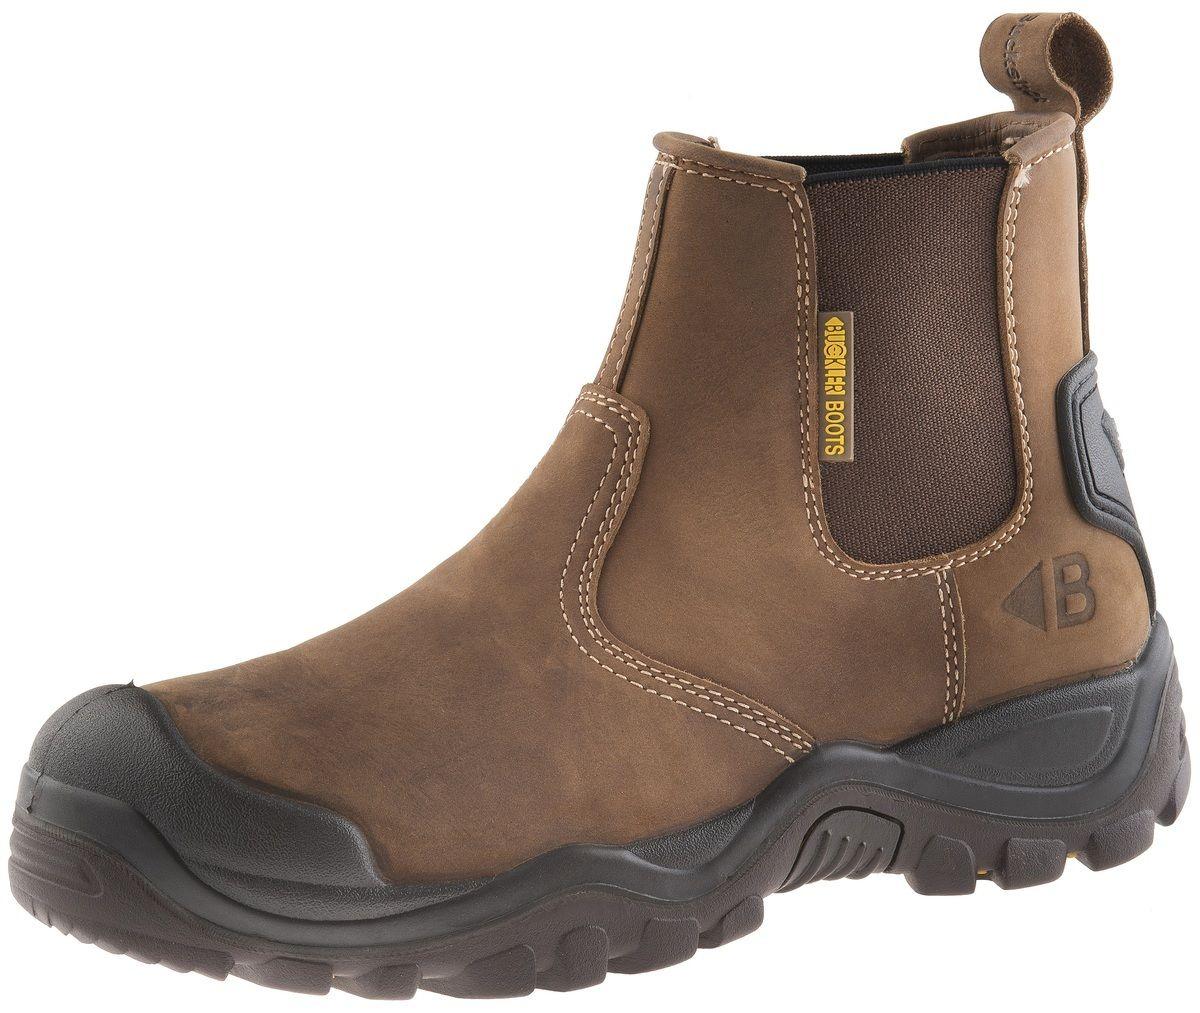 Buckler Buckshot BSH006 S3 Braun Braun Braun crazy horse safety dealer boot SZ 6/40  13/47 9a5e41